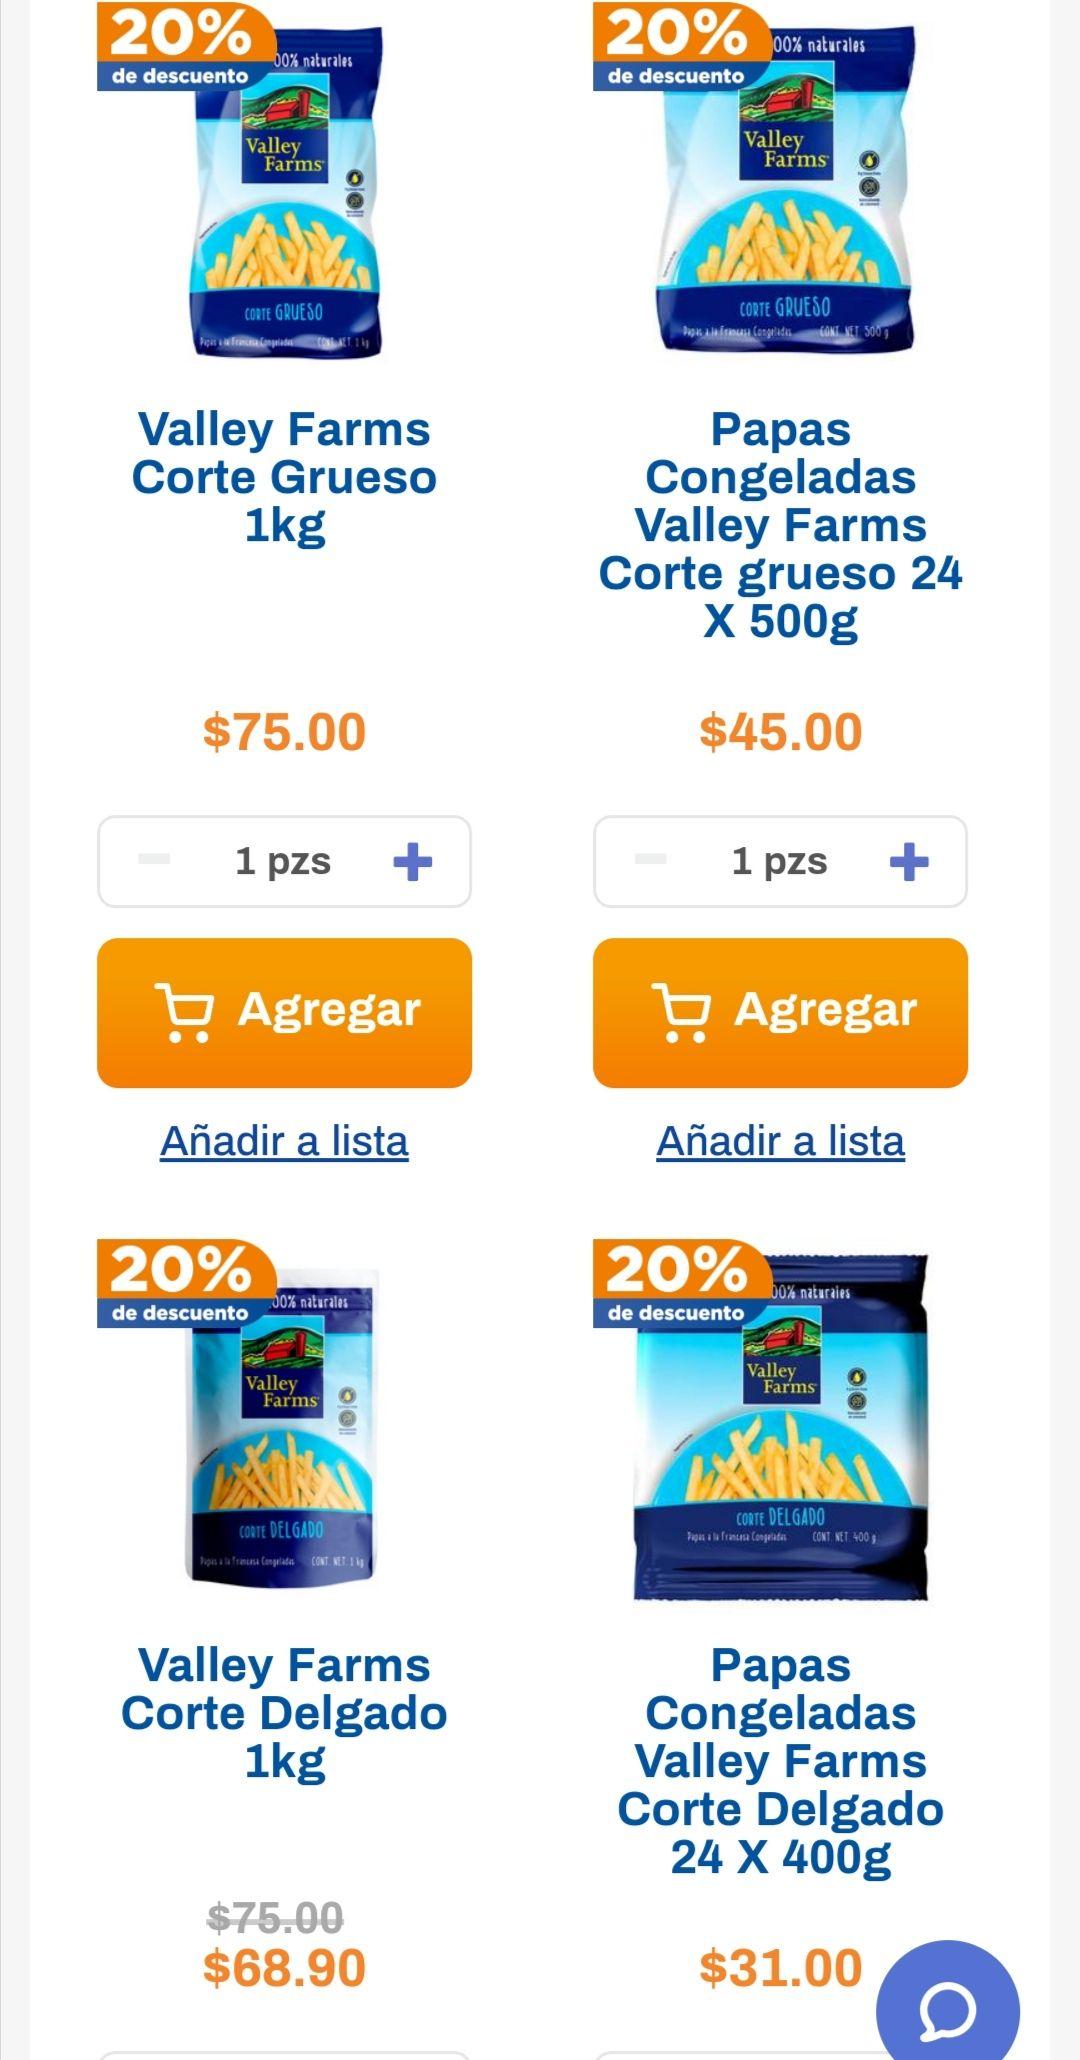 Chedraui: 20% de descuento a partir de 2 bolsas de papas Valley Farms